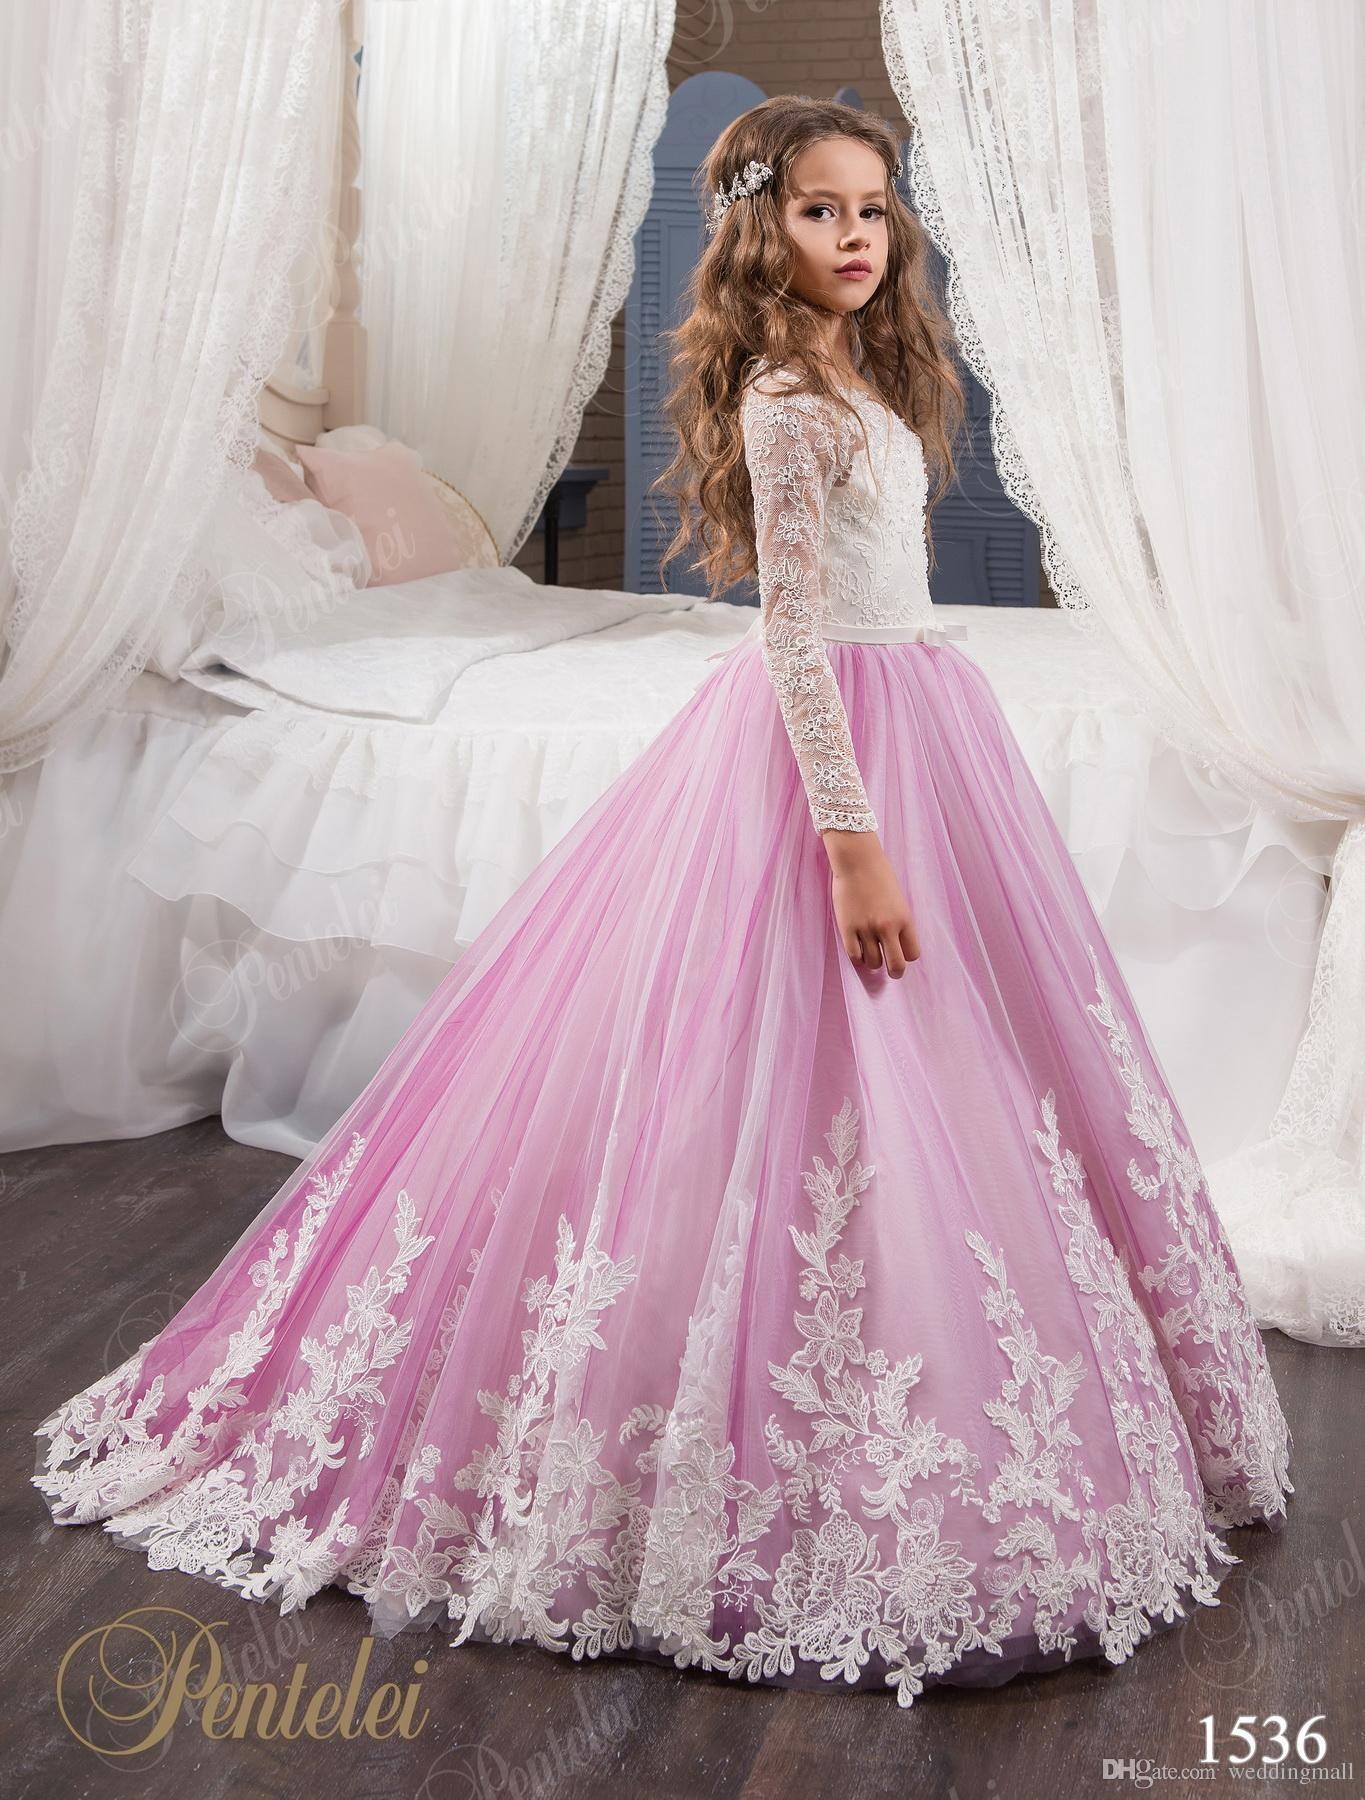 Vintage princess floral lace arabic 2017 flower girl dresses long vintage princess floral lace arabic 2017 flower girl dresses long sleeves tulle child dresses beautiful flower girl wedding dresses f0678 ombrellifo Images